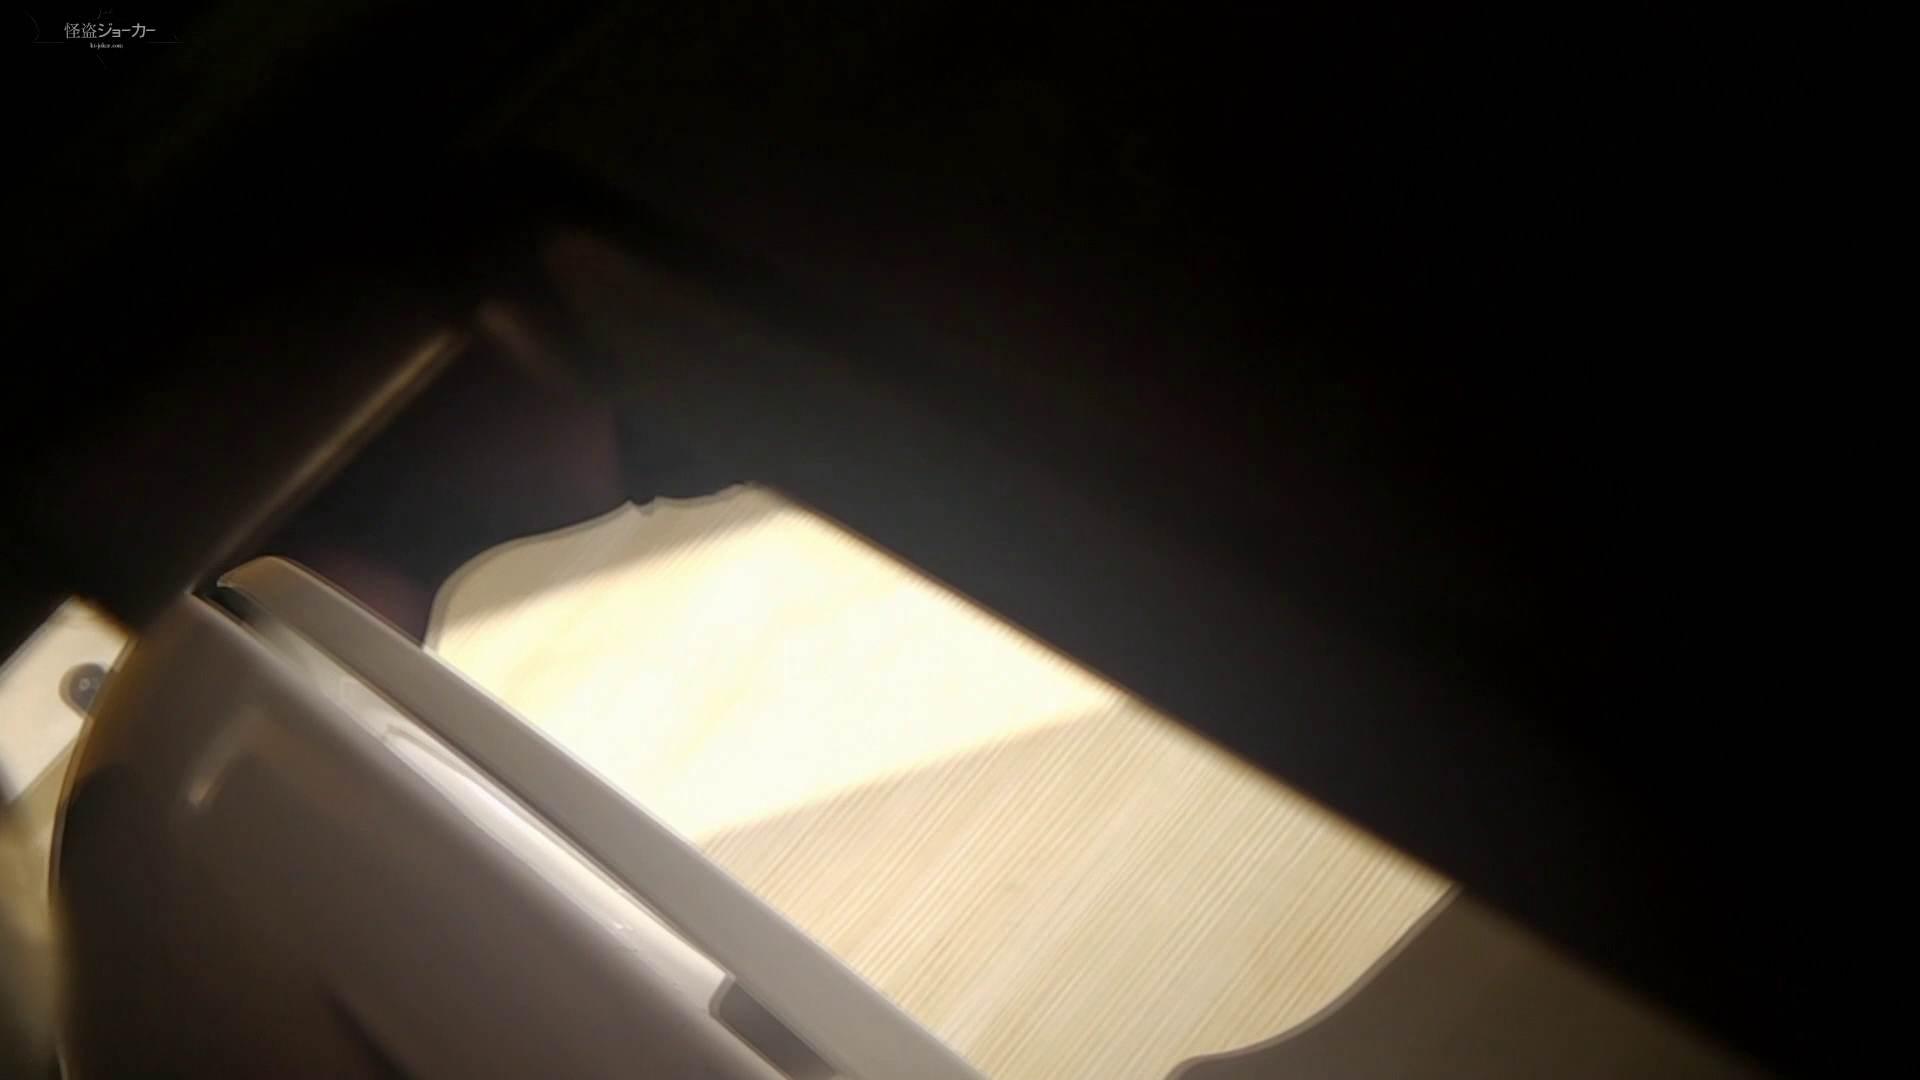 阿国ちゃんの和式洋式七変化 Vol.25 ん?突起物が・・・。 盛合せ エロ画像 83枚 81